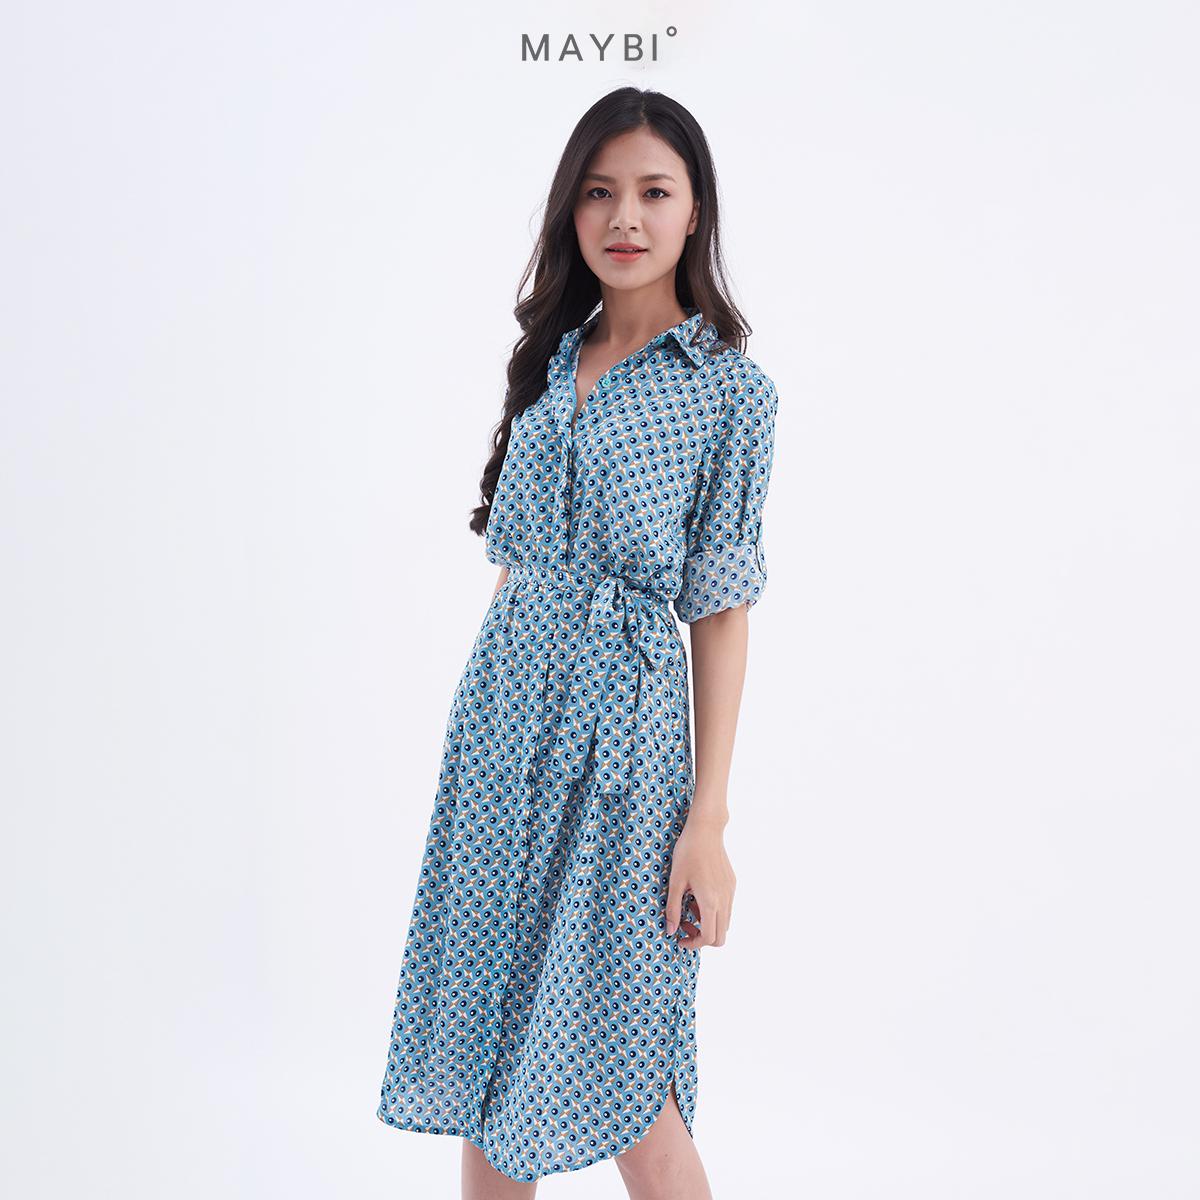 Giá Quá Tốt Để Có MAYBI - Đầm Nữ Sơ Mi Xanh Họa Tiết Hình Học Eirly Dress